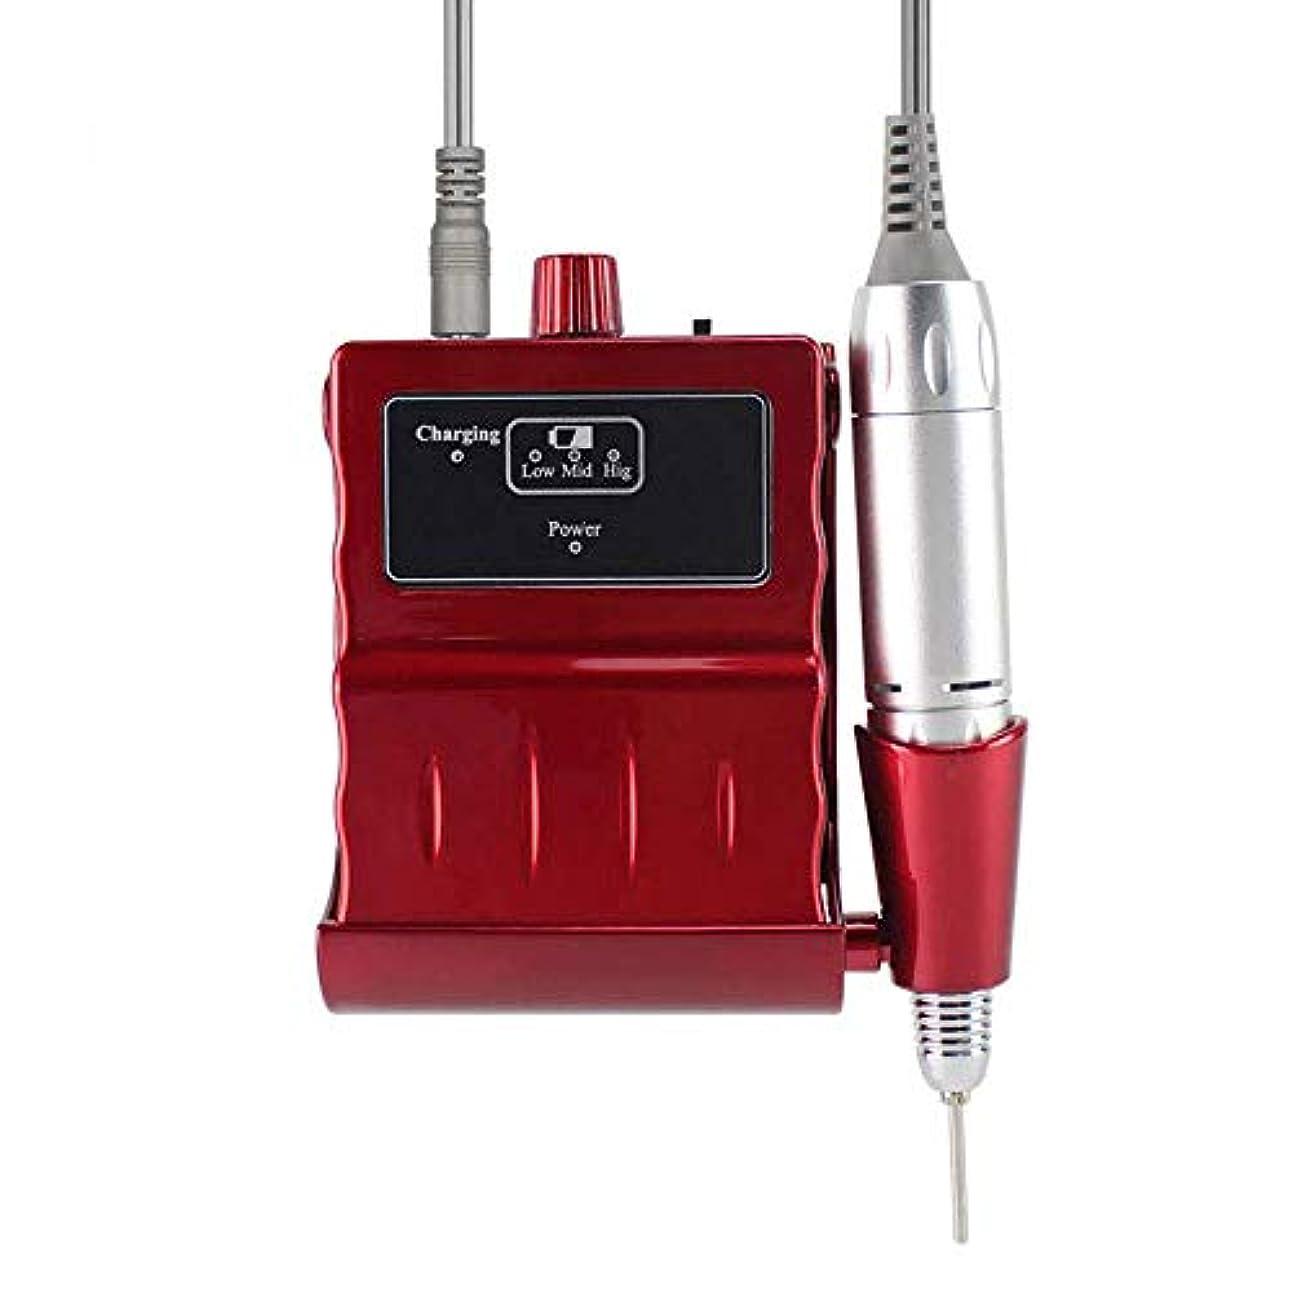 販売計画設計図タバコプロフェッショナルネイルドリルキット、電気ネイルドリルマシン30000RPM電気は6つの研削ヘッドと釘グラインダーマニキュアネイルアートツールのファイル